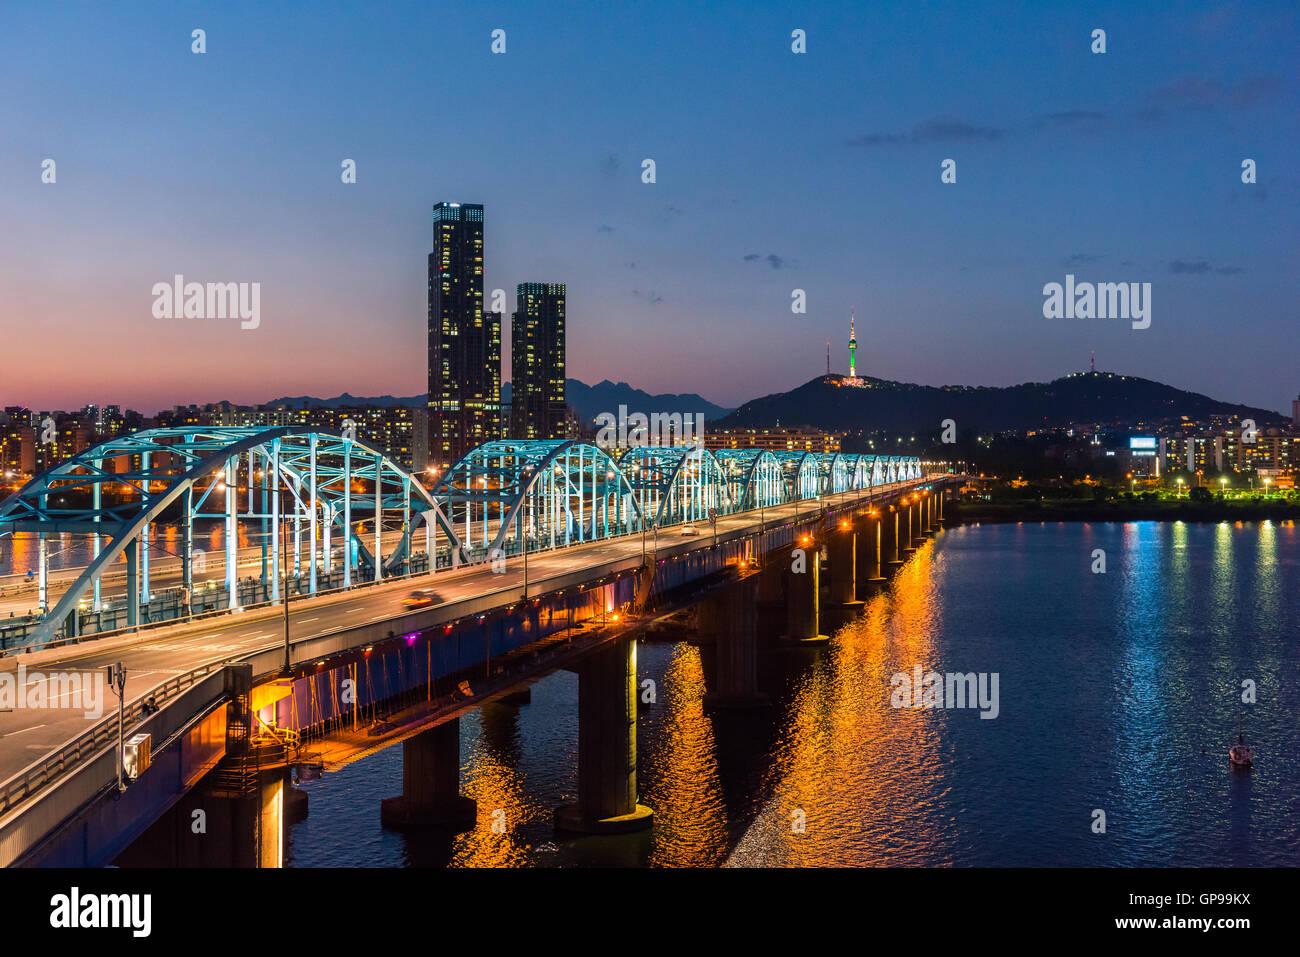 La nuit de Séoul, Corée du Sud à l'horizon de la ville Pont Dongjak rivière Han à Séoul, Photo Stock